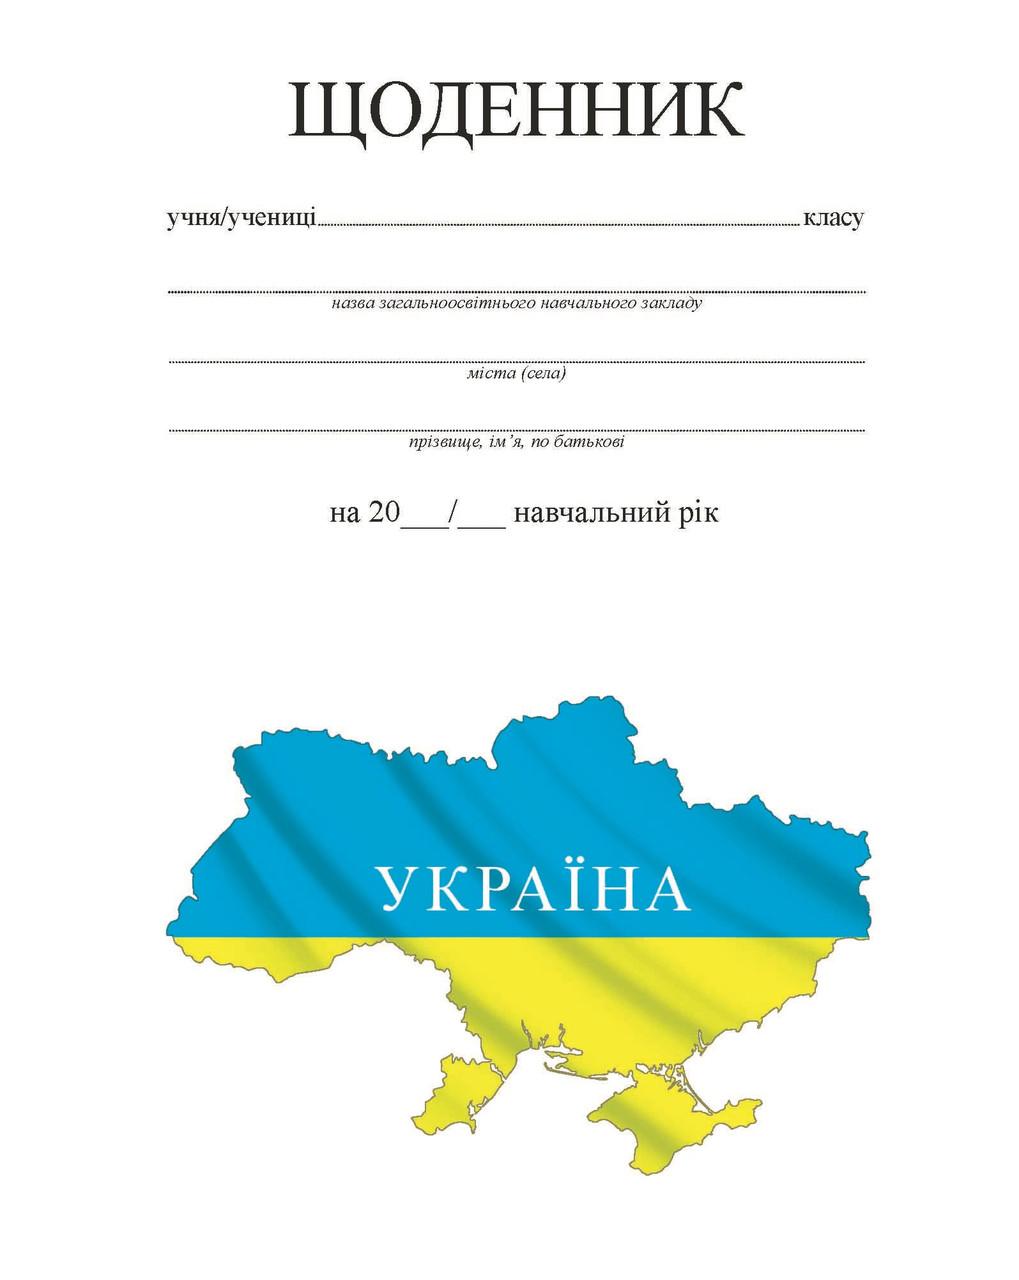 Щоденник учня - інтернет-магазин  в Киеве